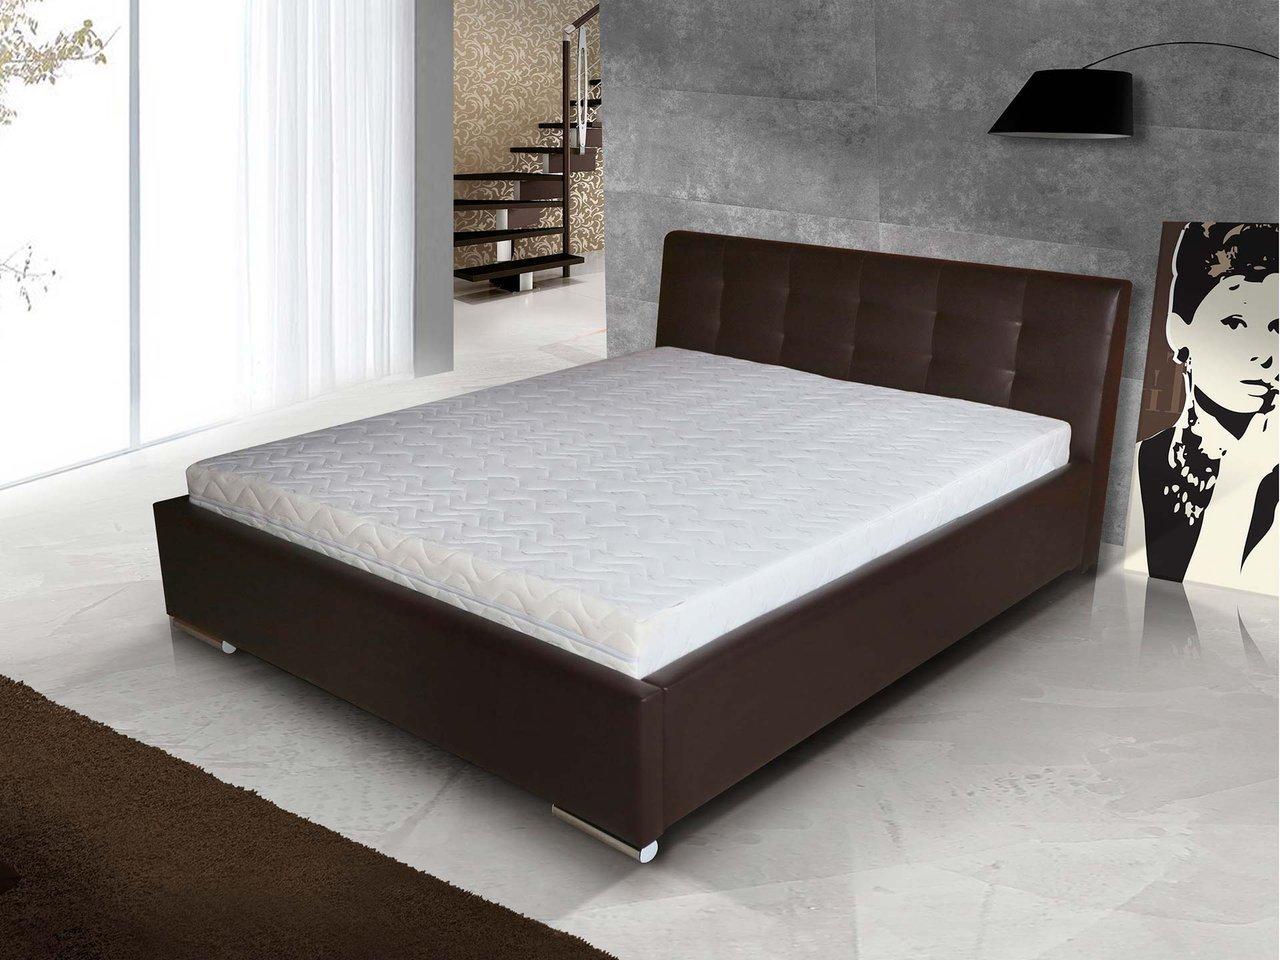 łóżko Tapicerowane 7 Do Sypialni Z Stelażem